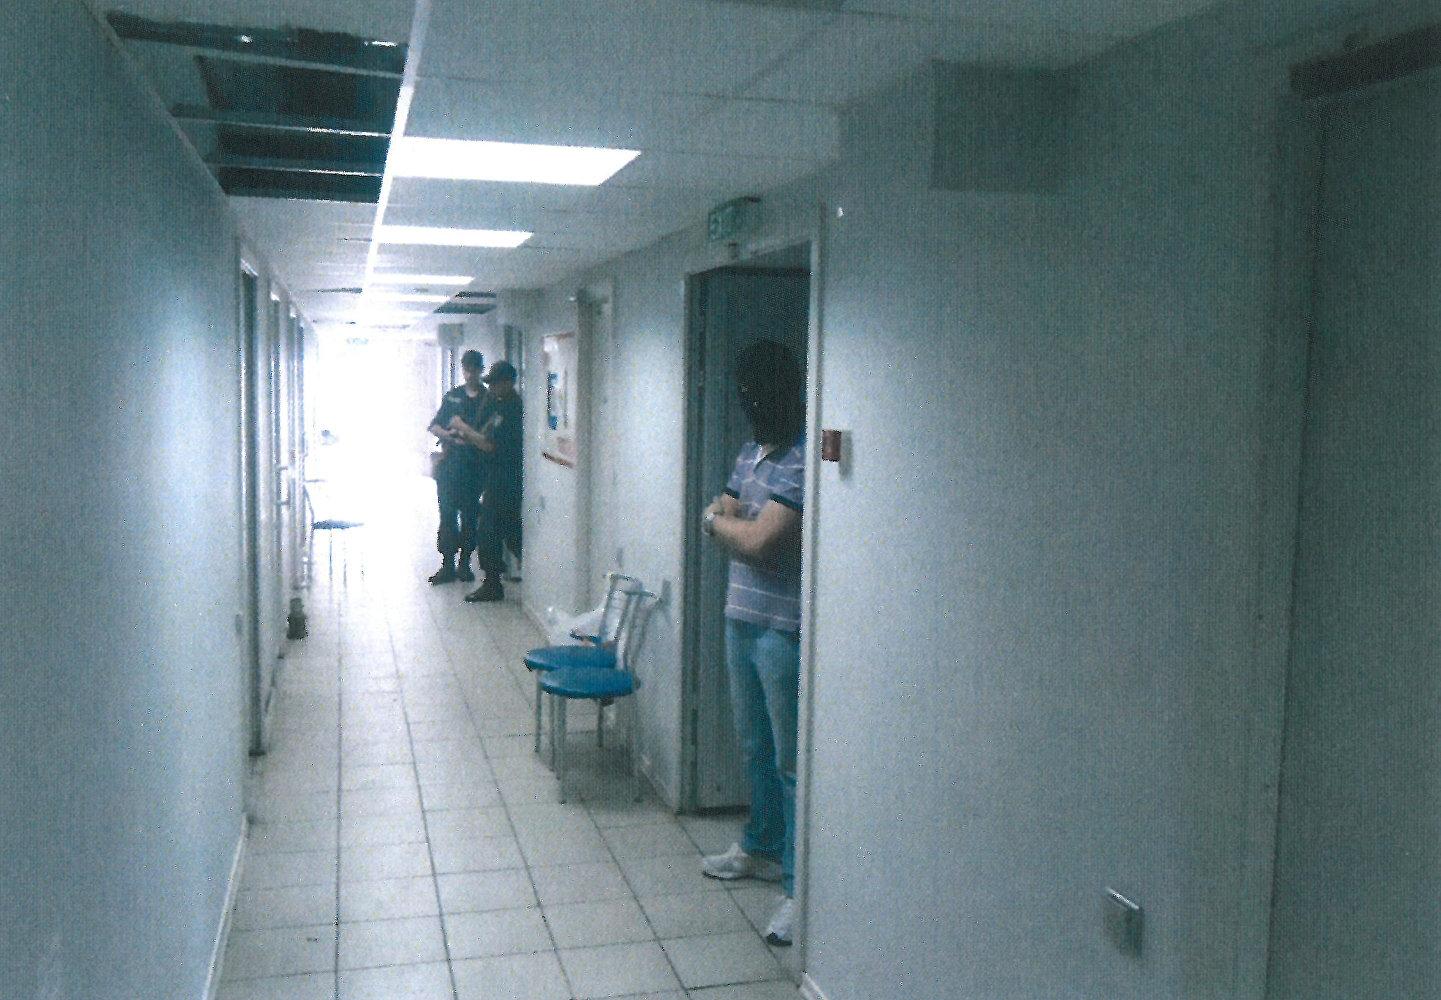 在一个房间,有3x1米大小,有白色瓷砖(像仓库),只有一把椅子,坐着一个脸色苍白的女孩。那里非常闷。